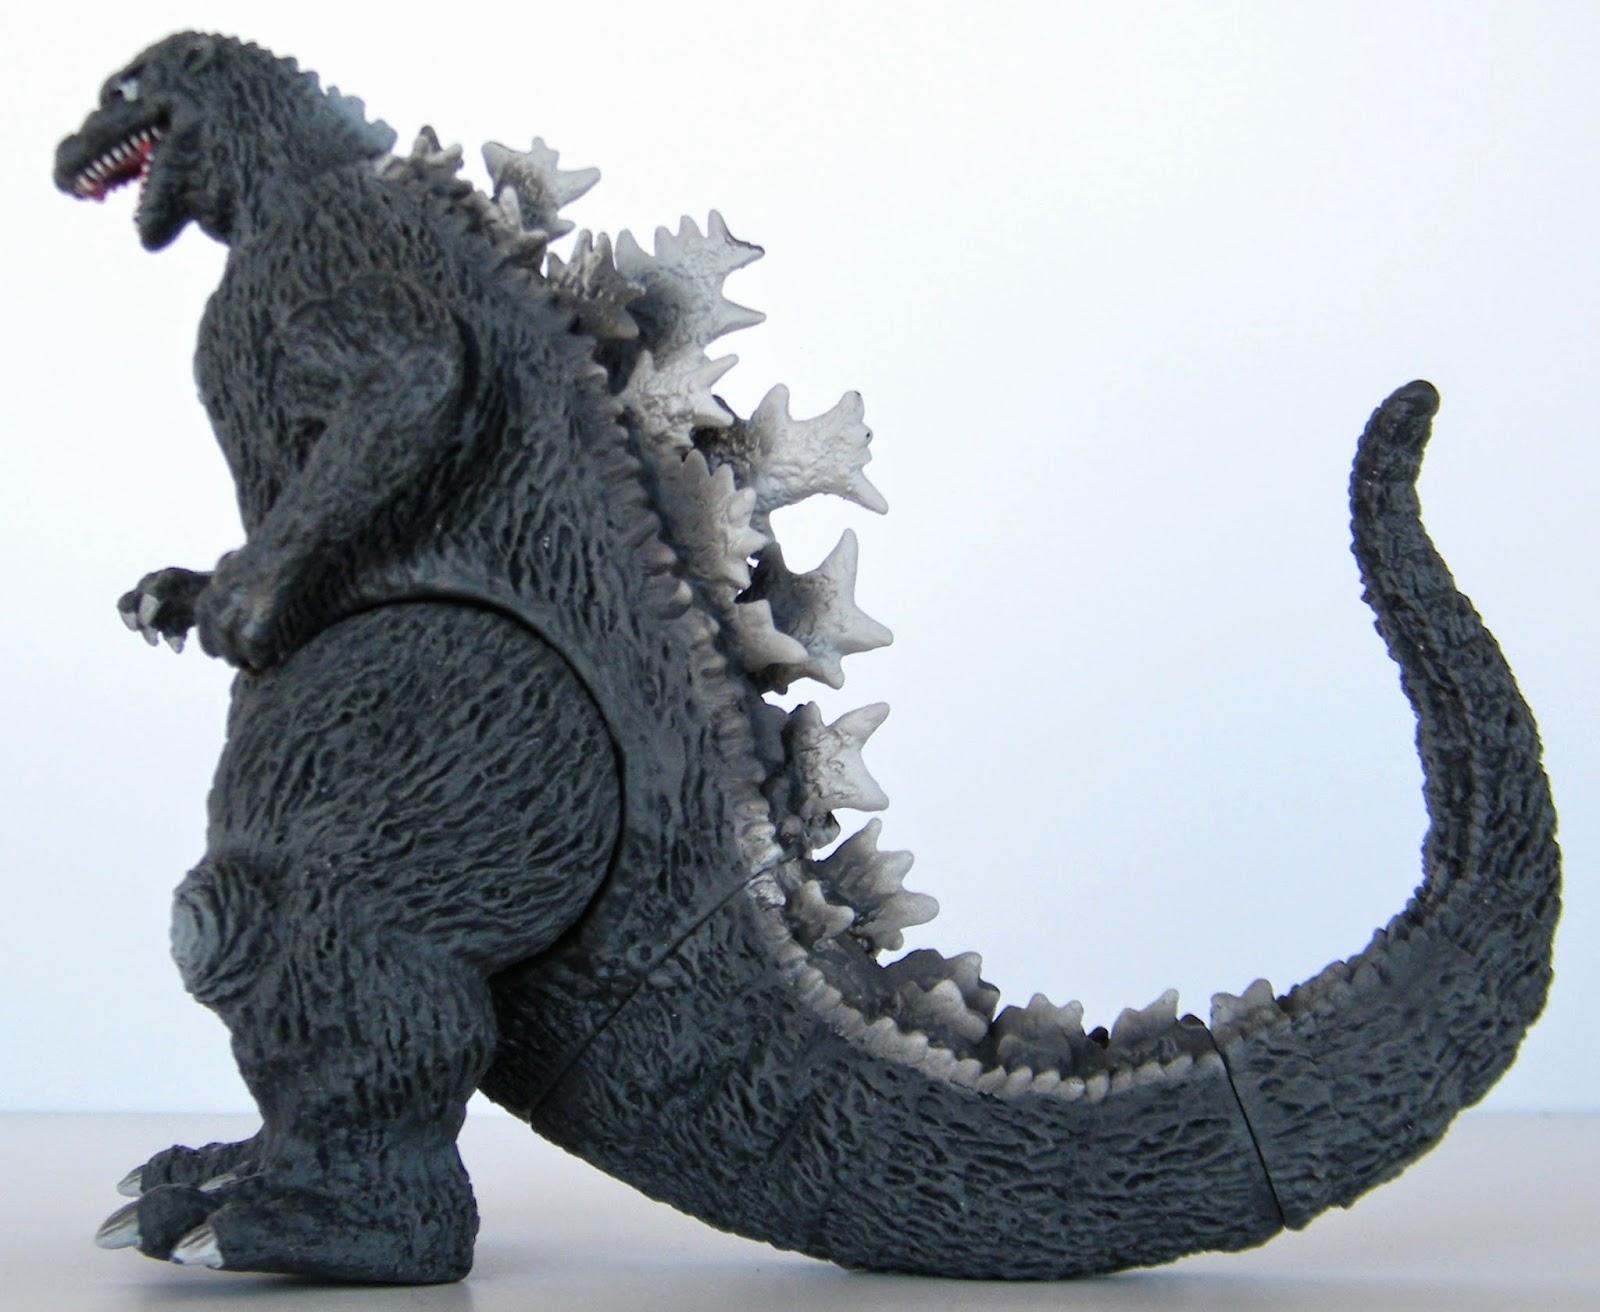 Toys and Stuff: Bandai #91881 Godzilla 1954